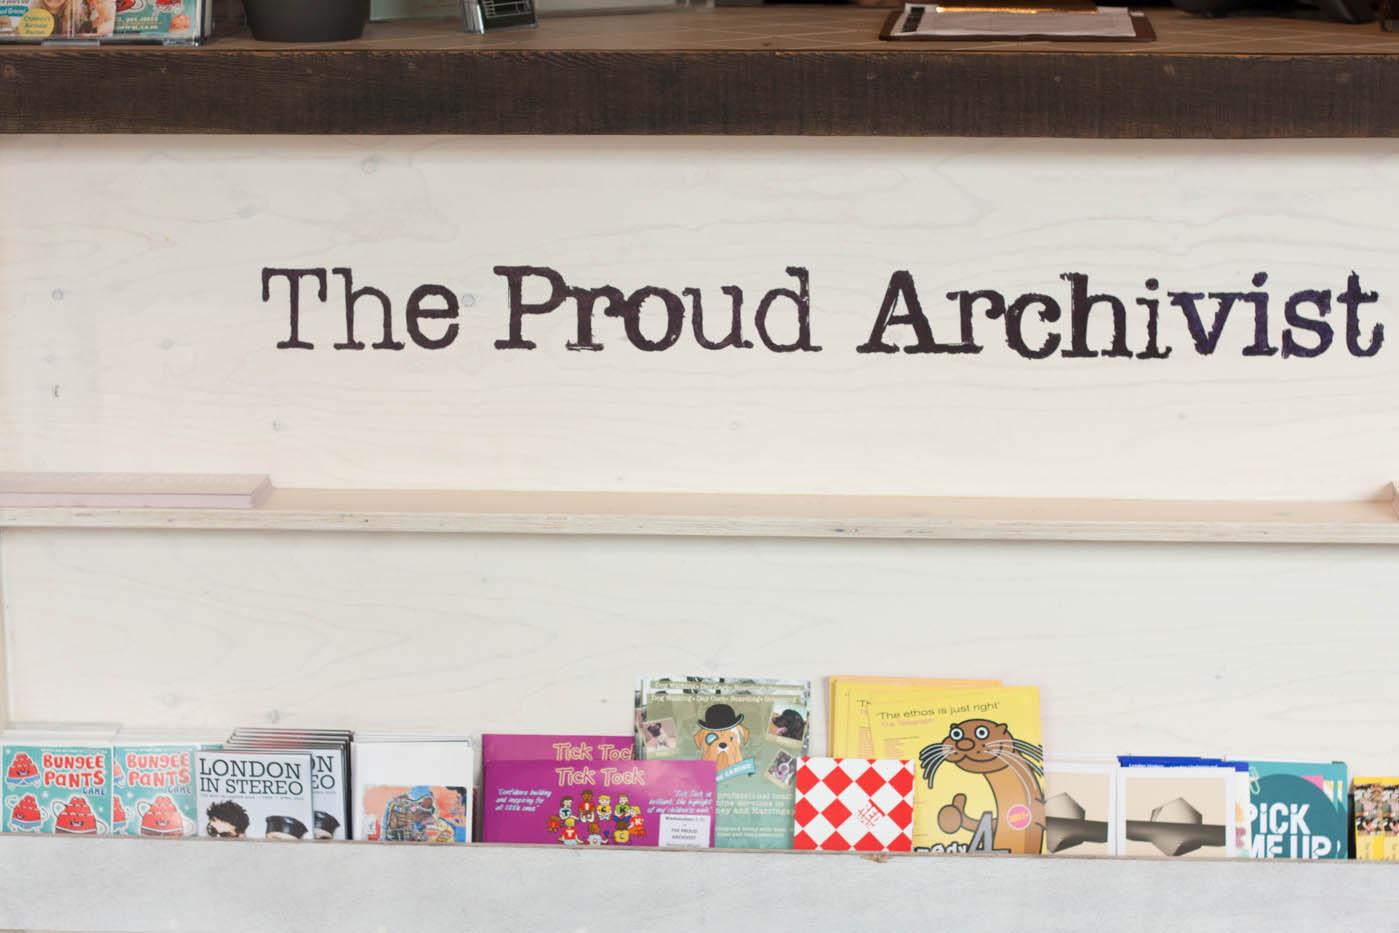 the proud archivist